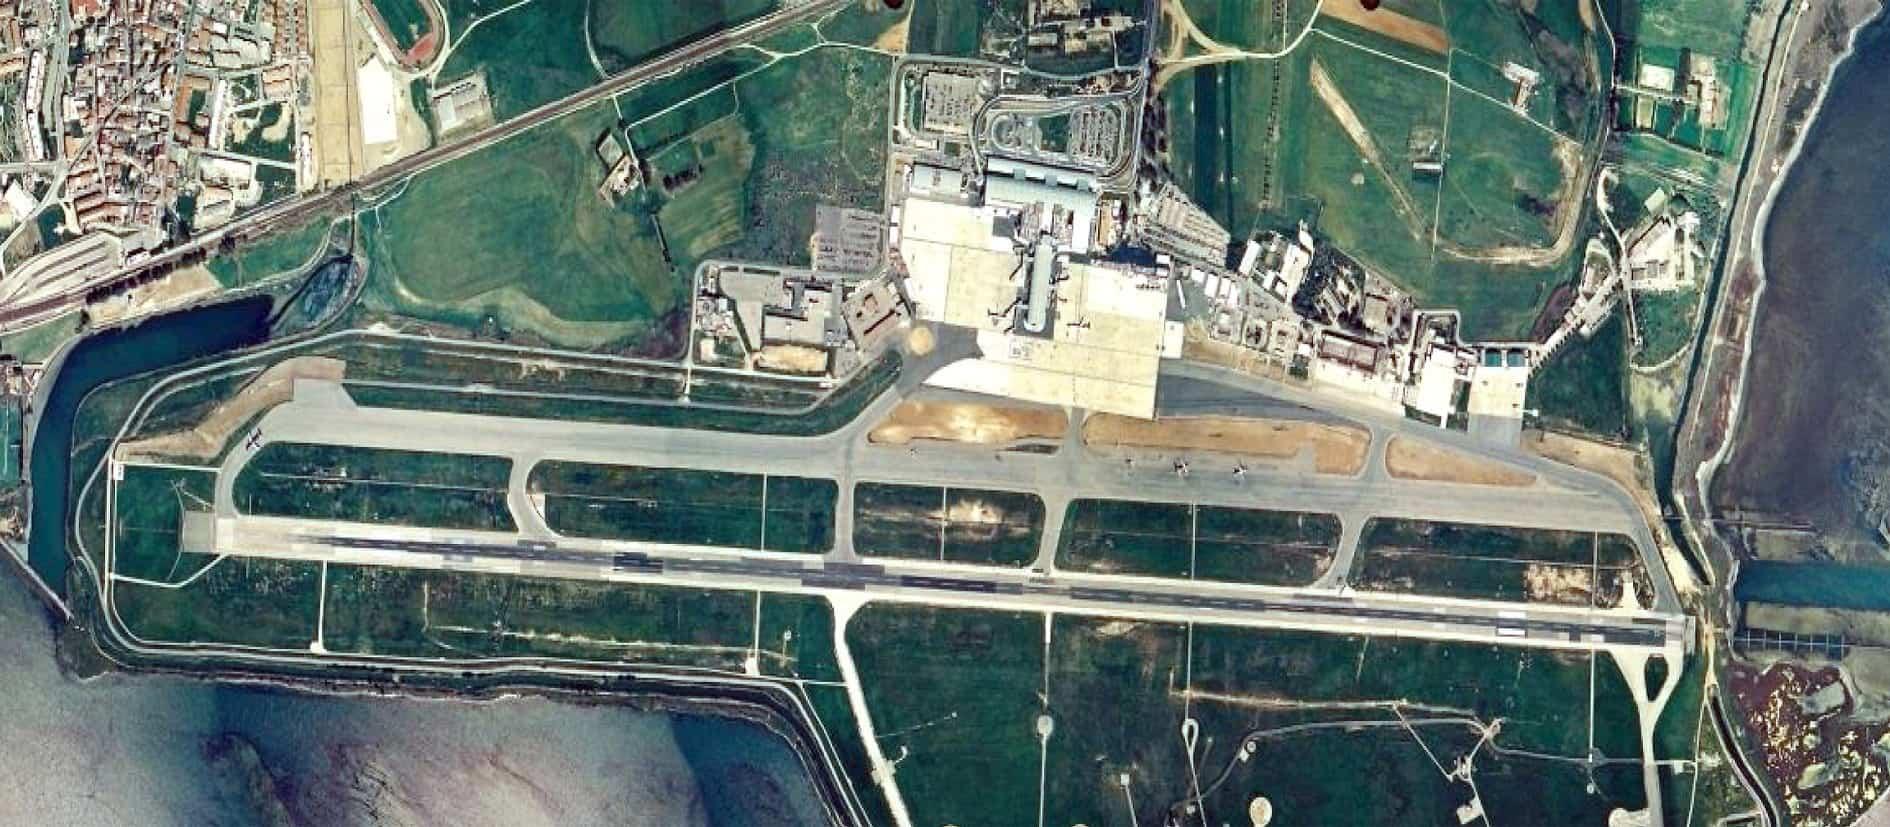 Aeroporto Cagliari : Analisi dell impatto con edms all aeroporto di cagliari